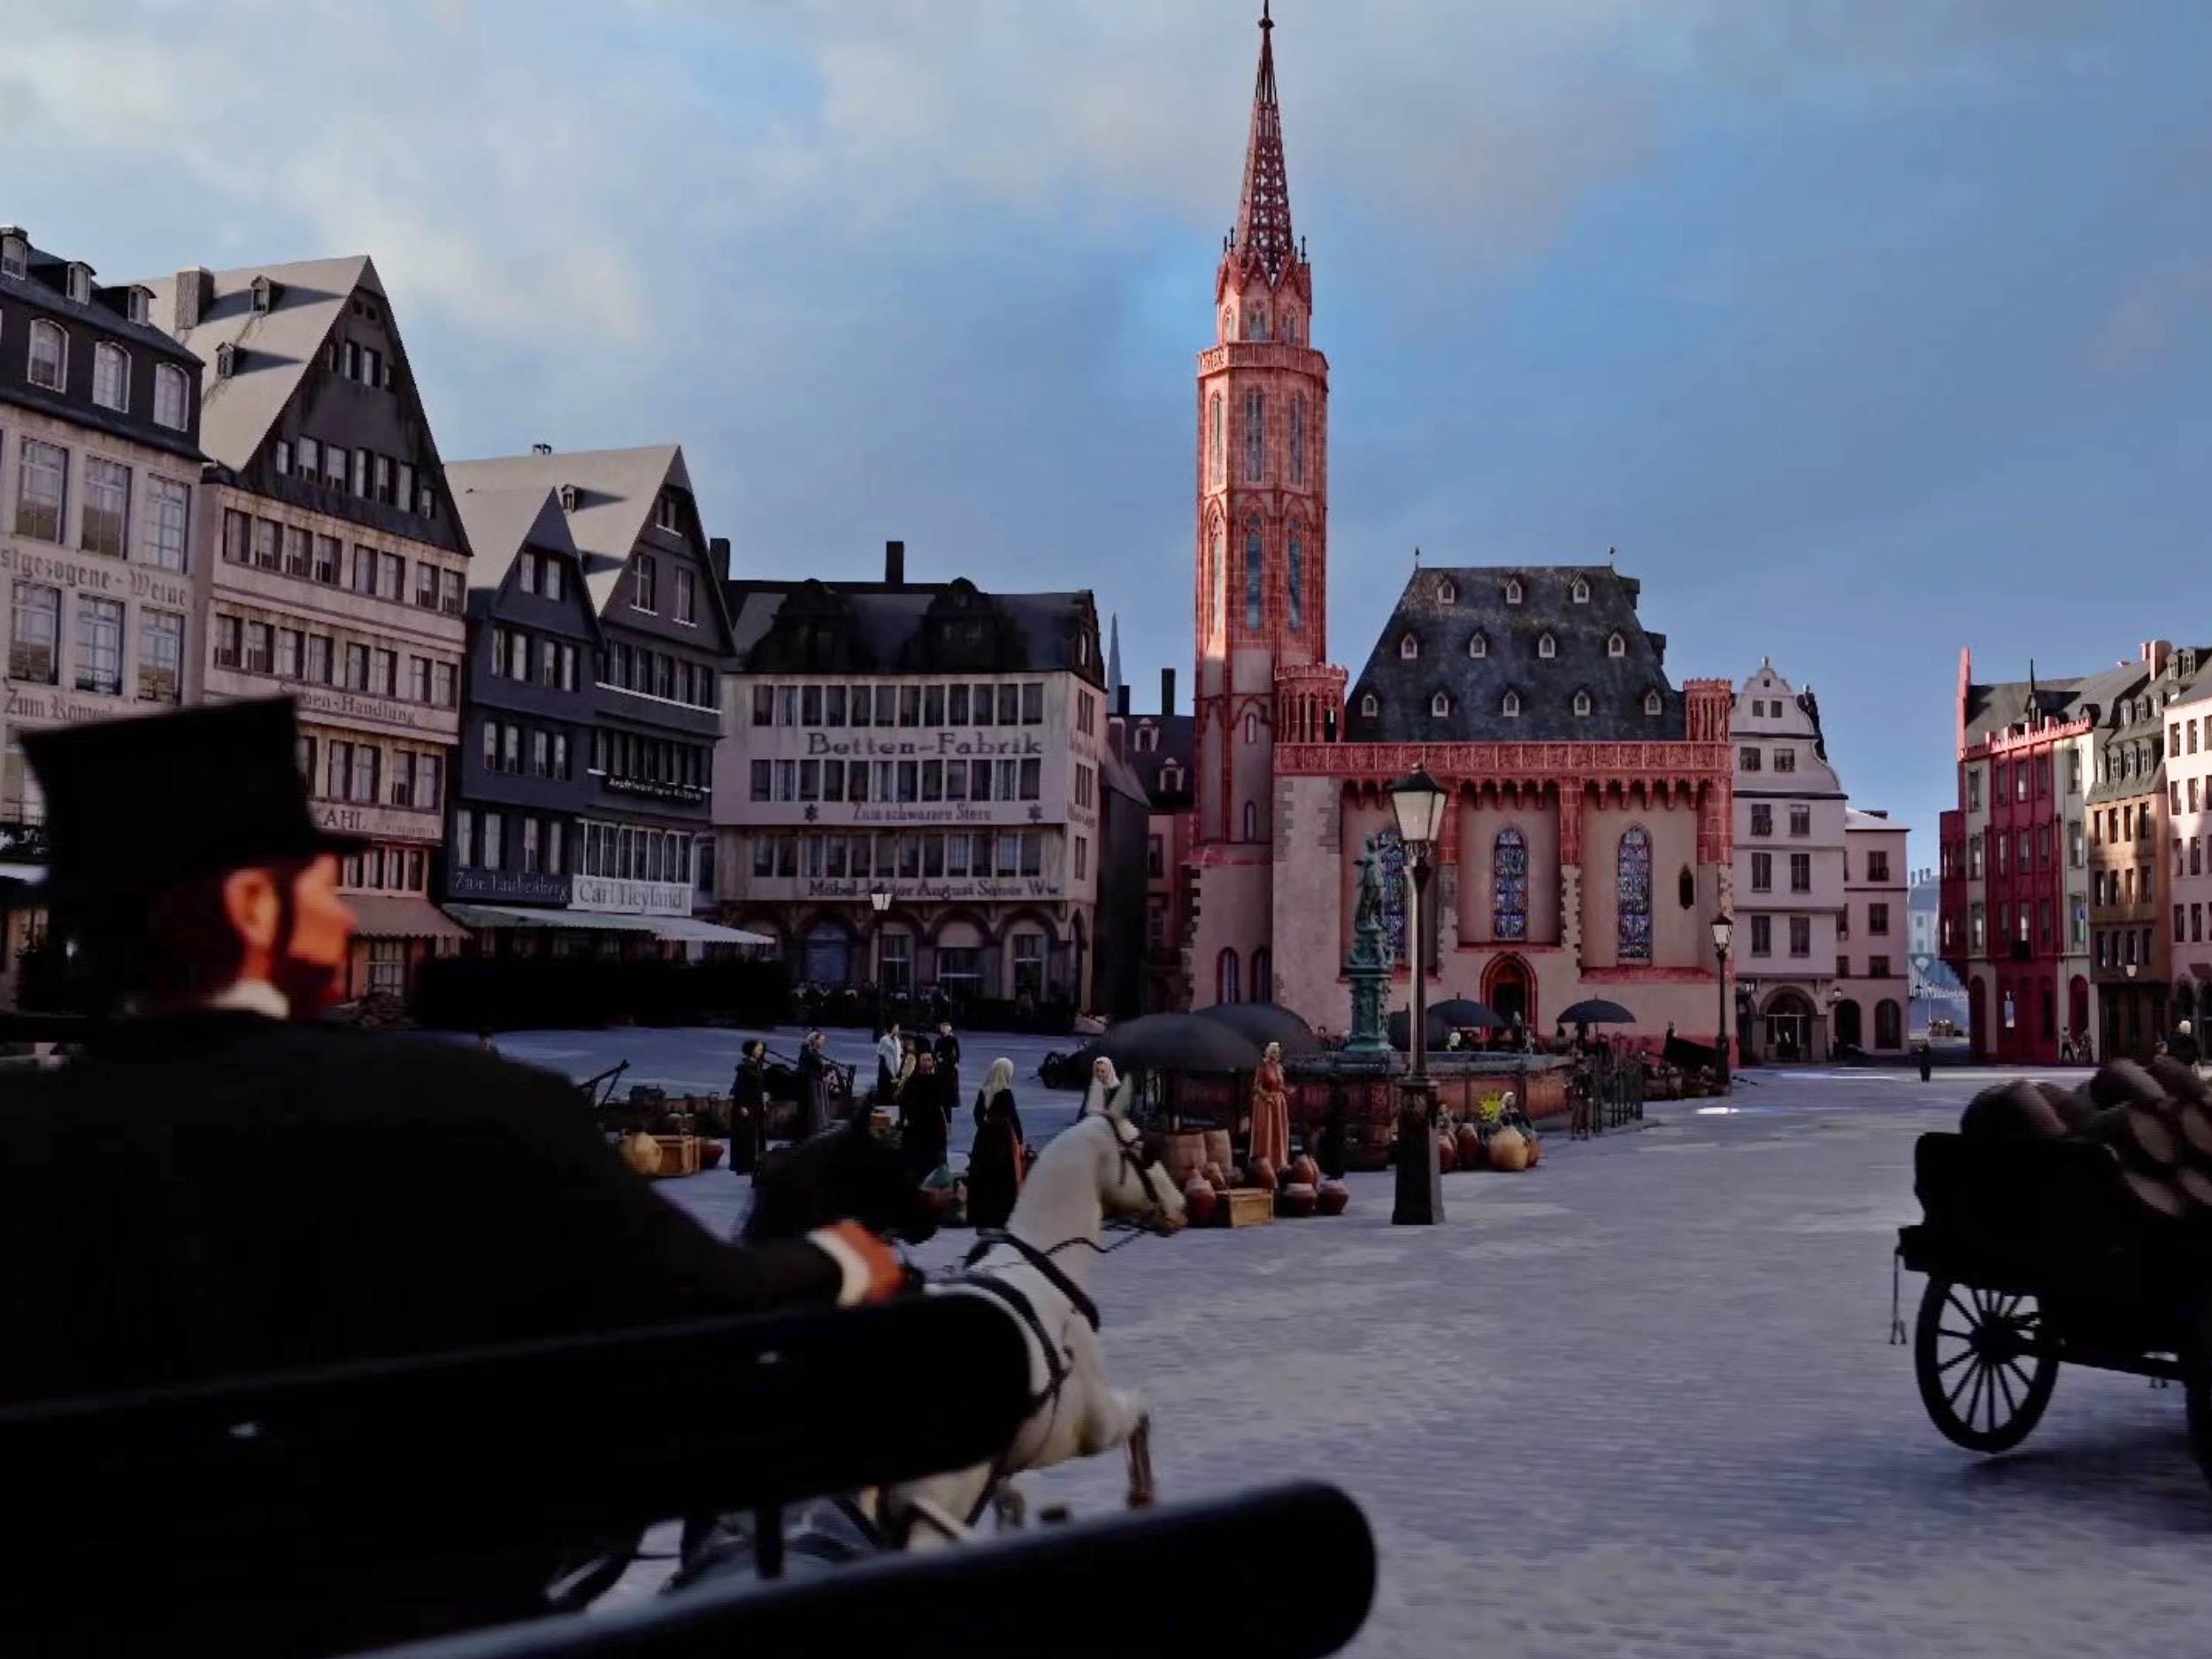 Rundfahrt in Frankfurt - Tipp für schlechtes Wetter beim Besuch - Besuchstipp innen - Citytour Frankfurt - Visualisierung TimeRide Frankfurt